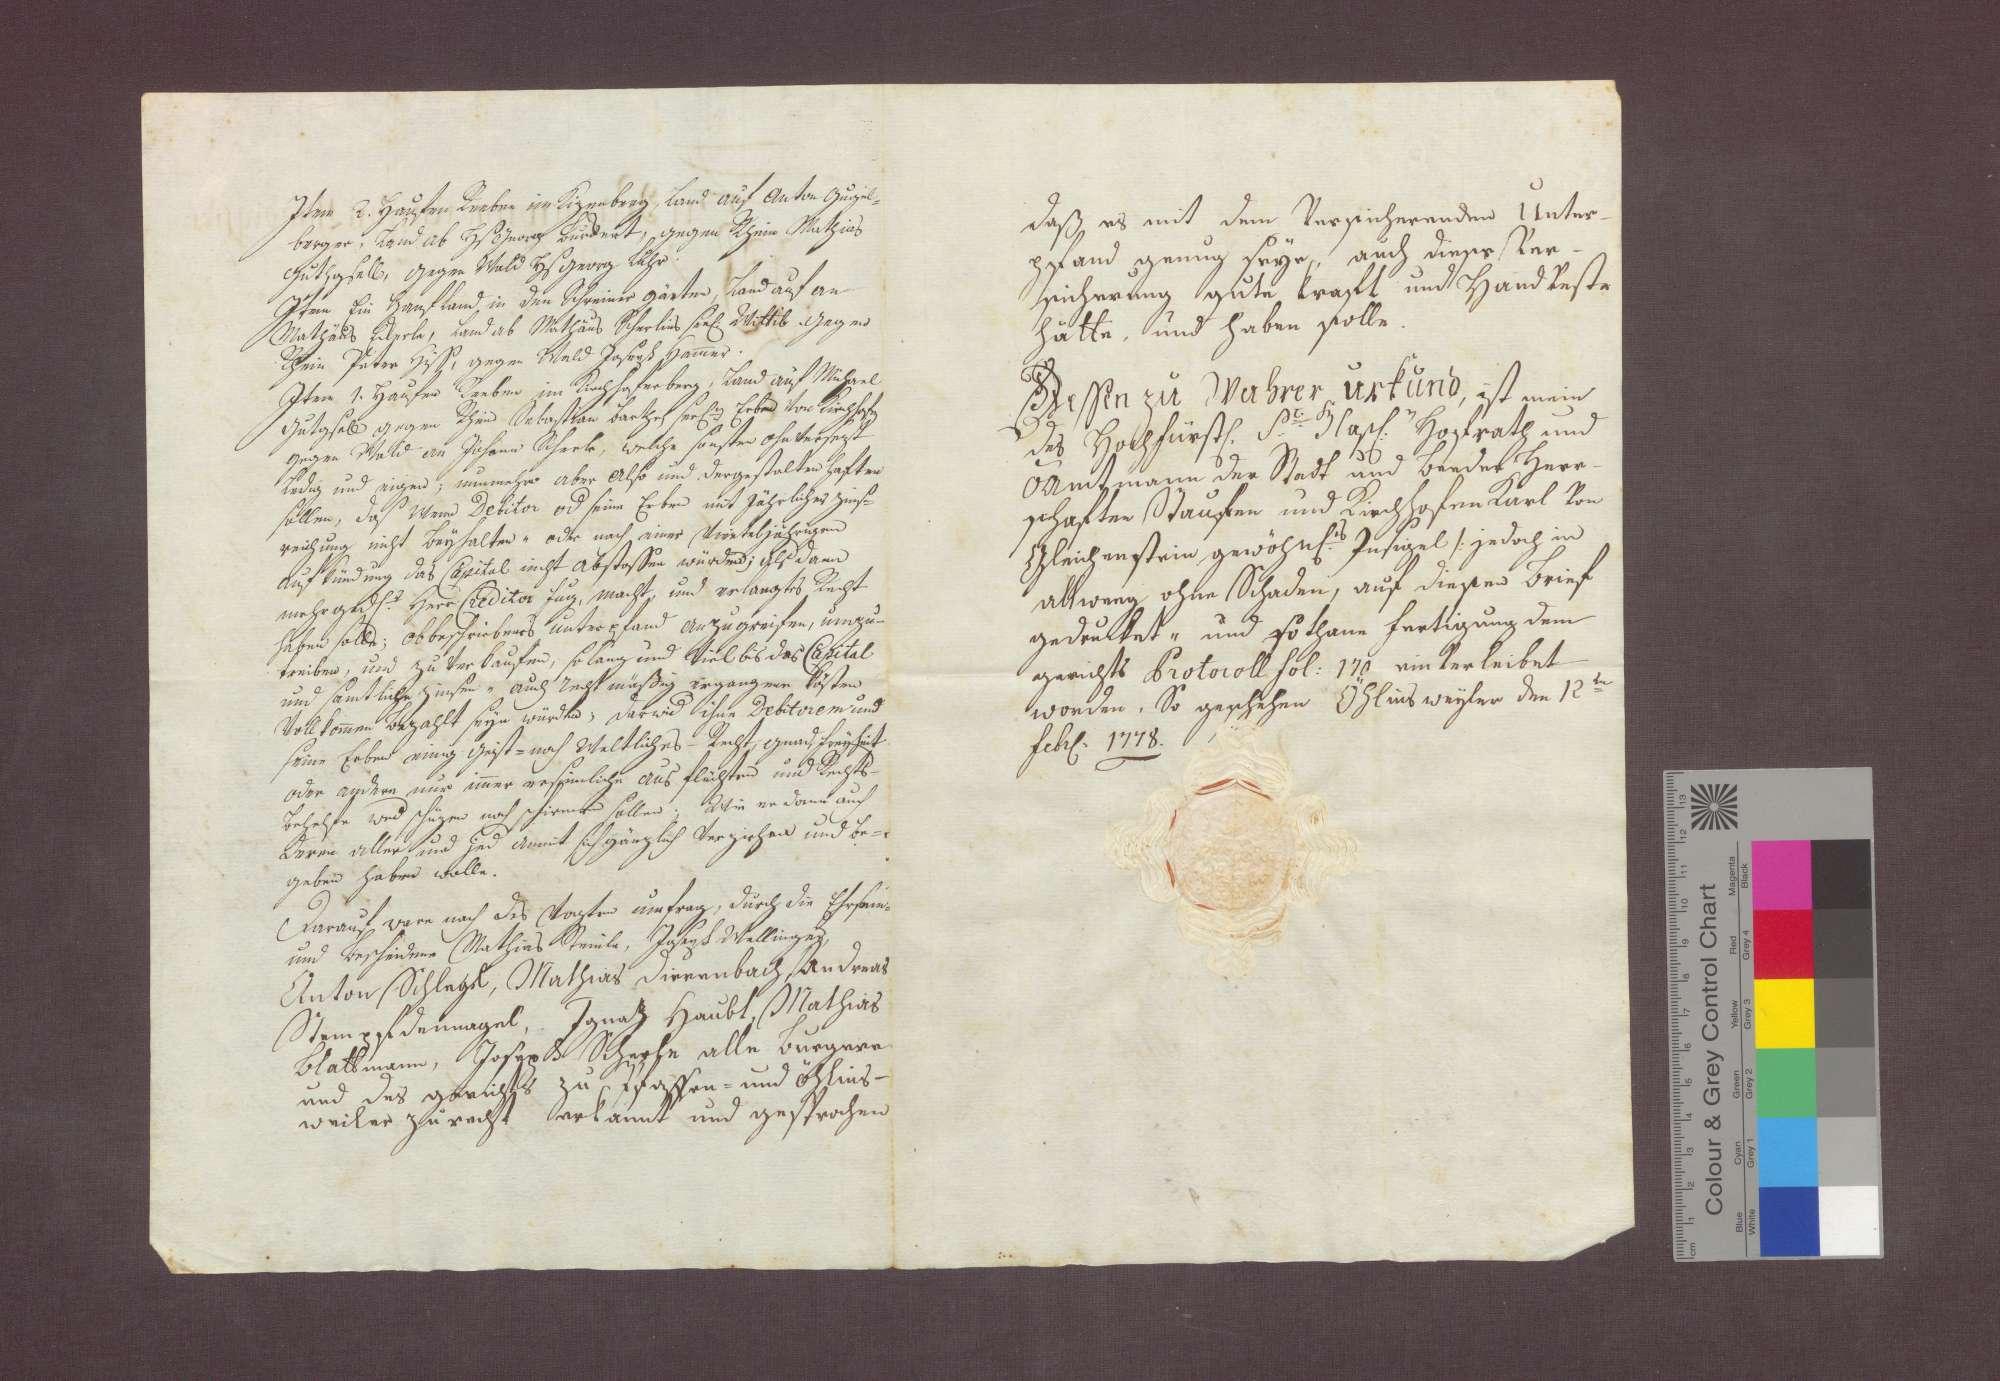 Schuldverschreibung des Johannes Stempfdennagel von Pfaffenweiler gegenüber Anton von Litschgi in Krozingen., Bild 2